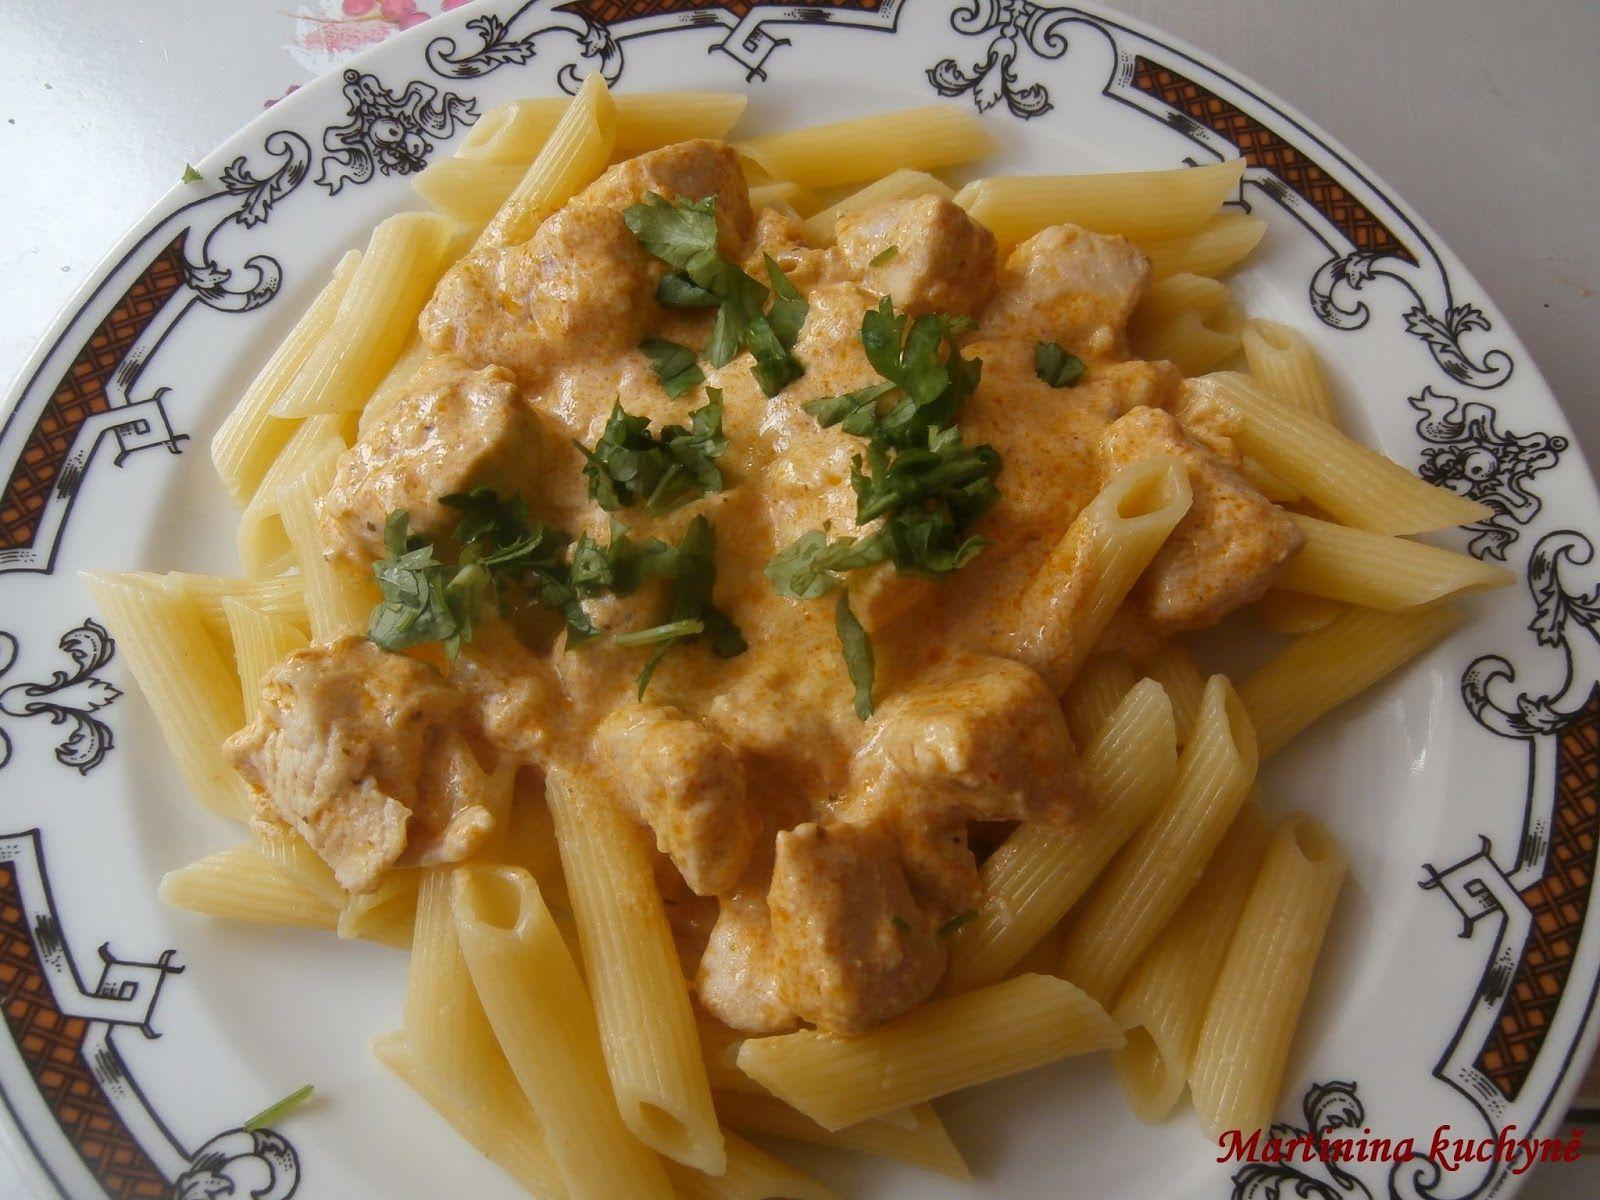 Recept přidávám se souhlásem majitelky MARTINY http://martininakuchyne.blogspot.cz/2013/07/penne-s-pestem-kurecim-masem.html